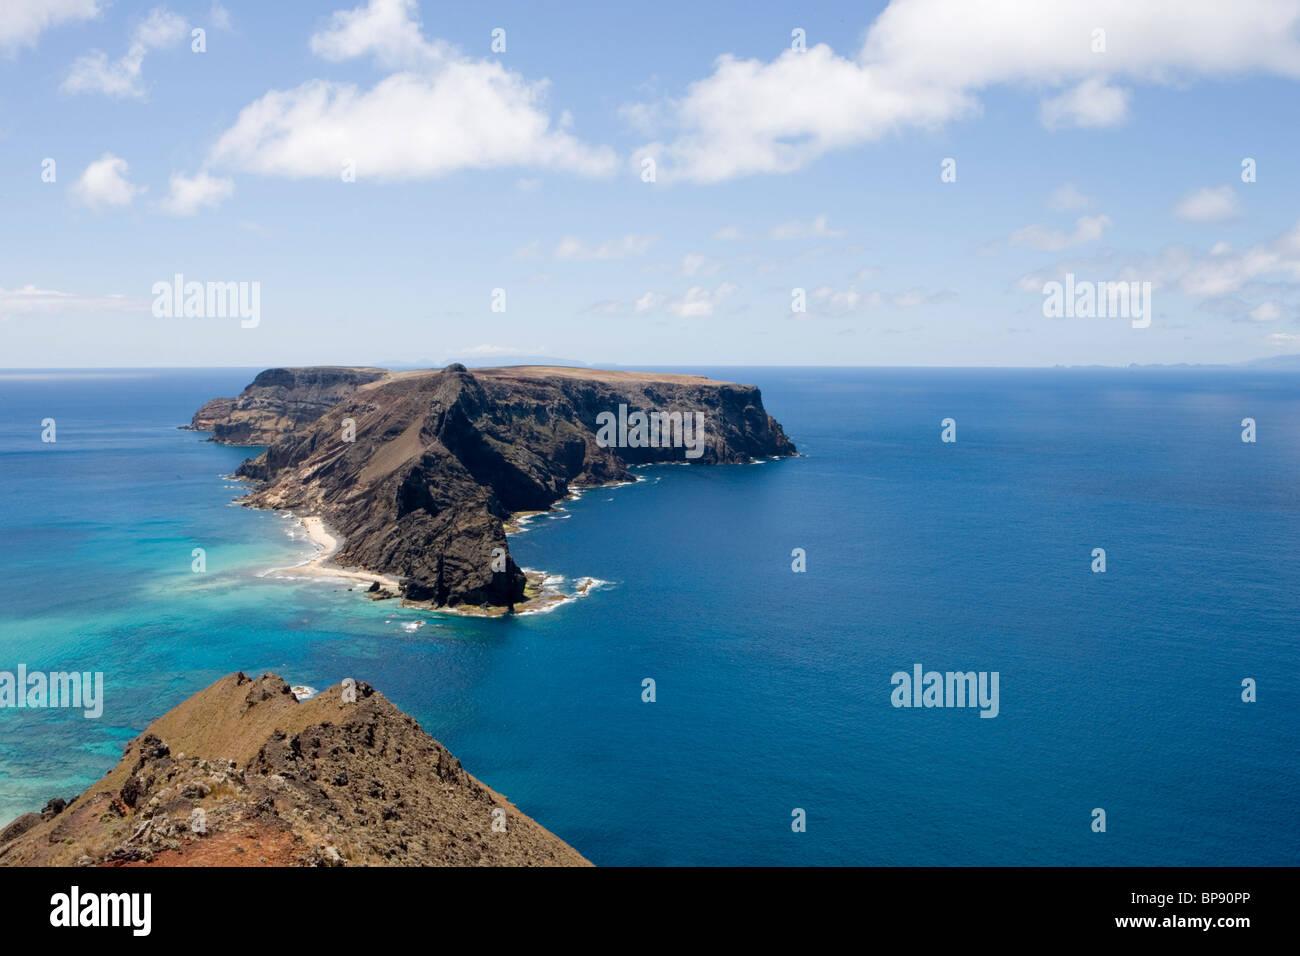 Ilheu de Baixo ou da Cal Island, Porto Santo, near Madeira, Portugal - Stock Image